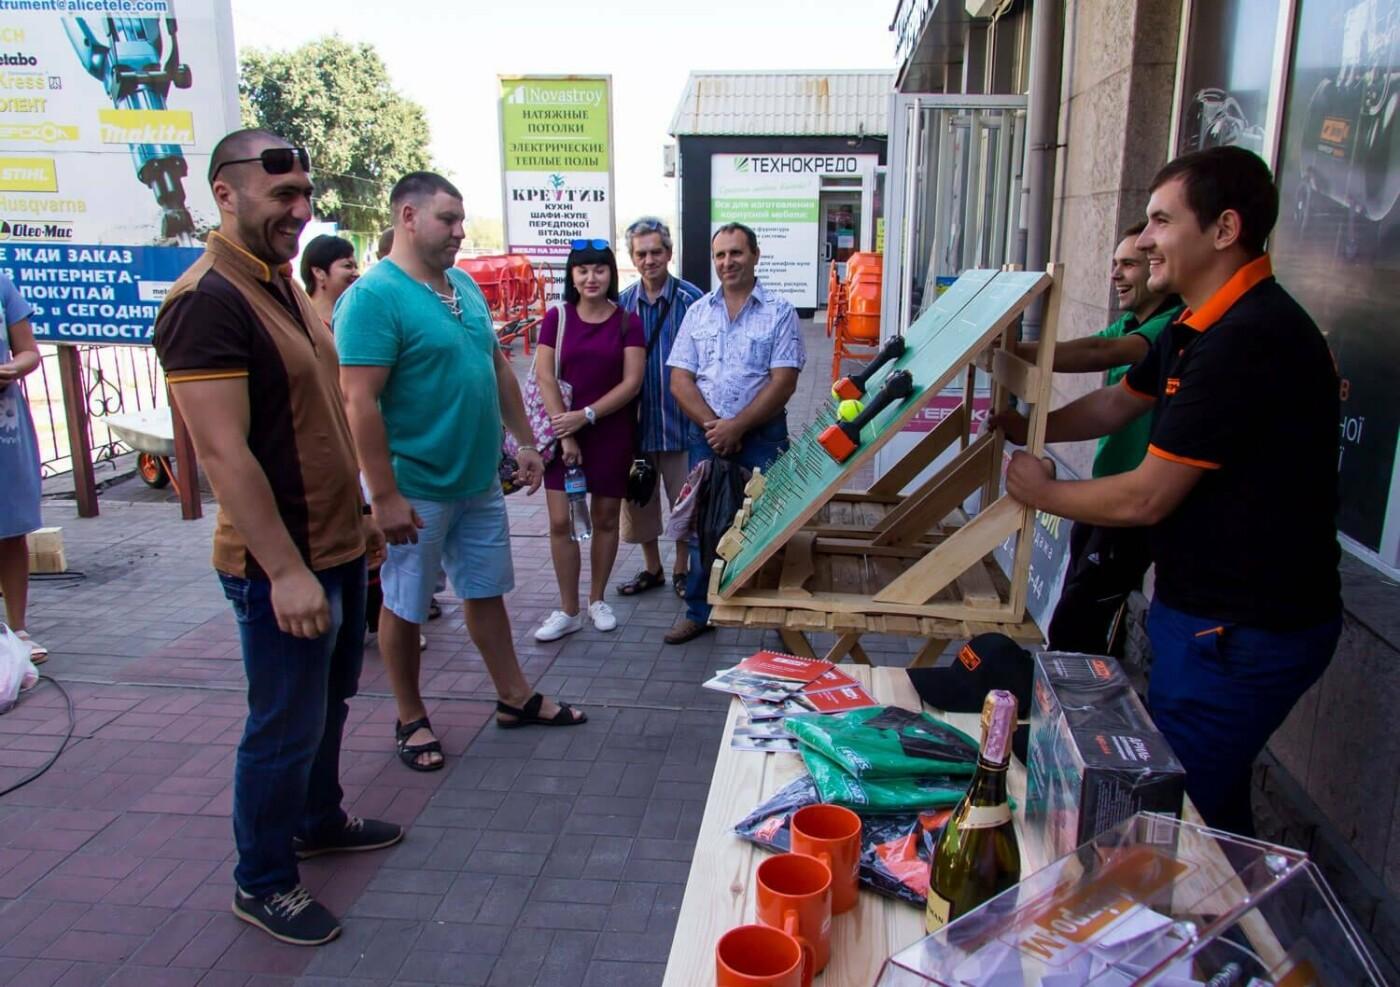 Музыка, подарки и море позитива: в Каменском открылся фирменный магазин Дніпро-М, фото-3